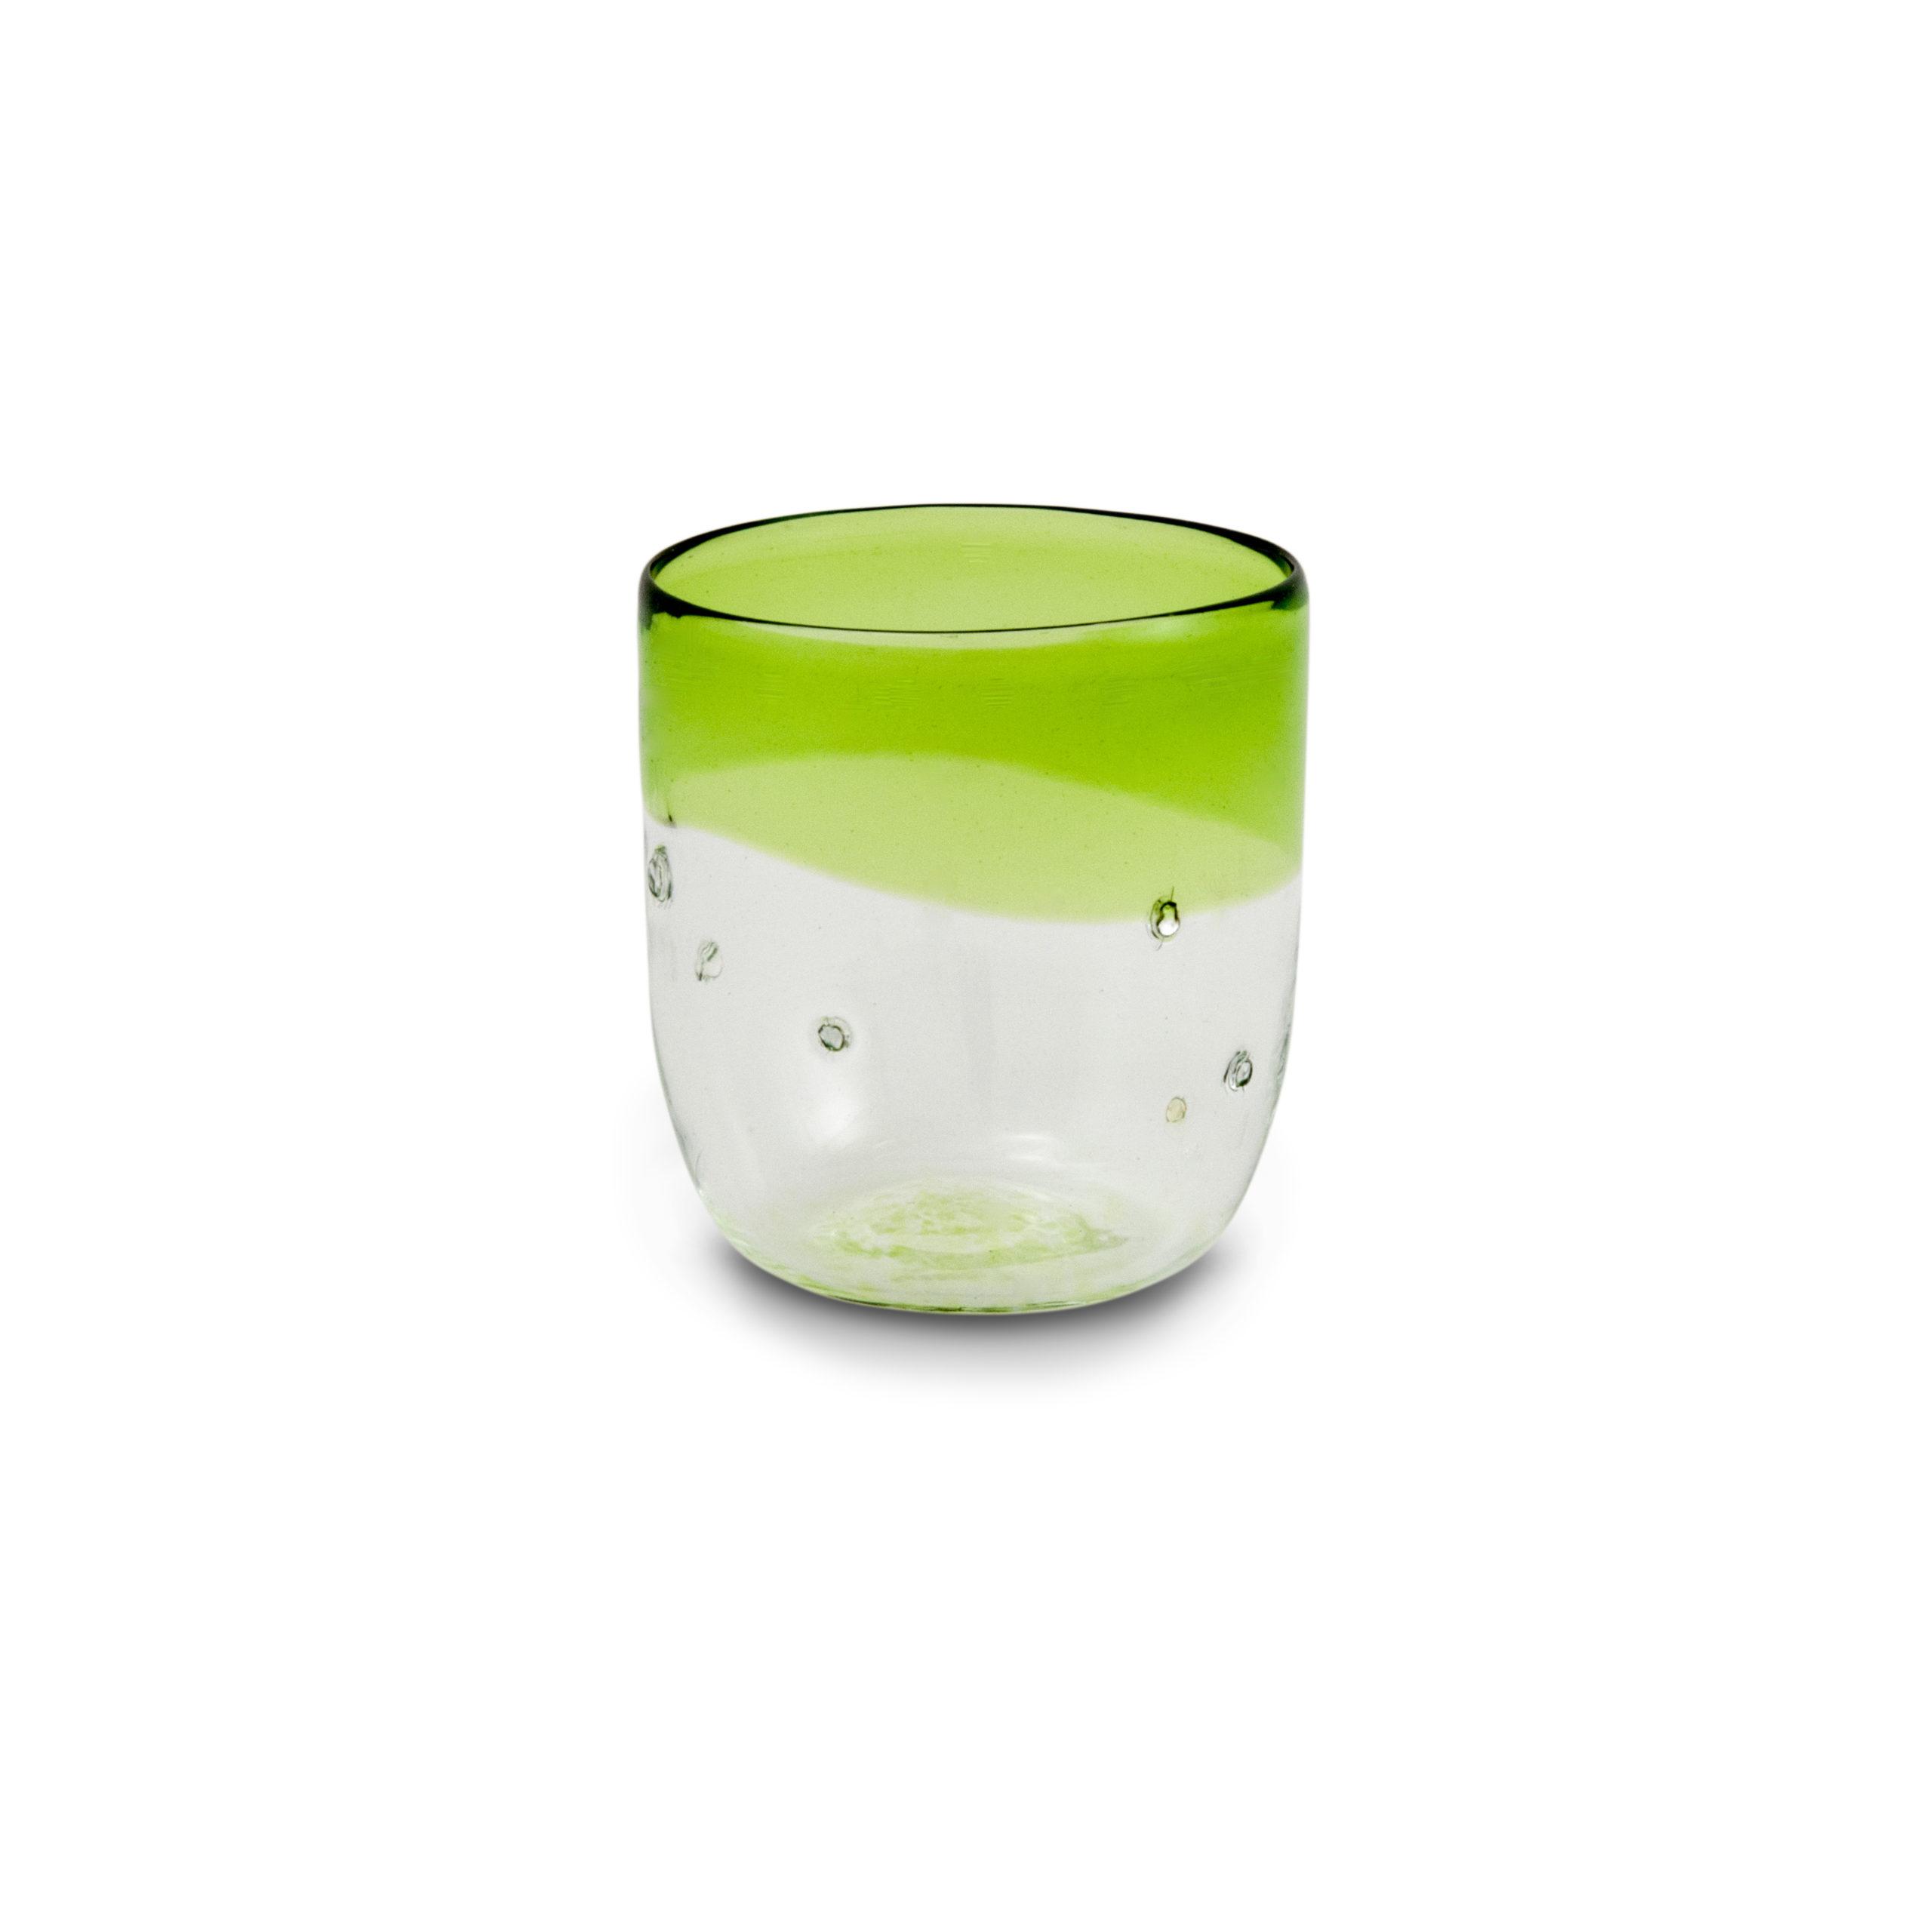 Bicchiere di vetro soffiato verde con pepite d'argento